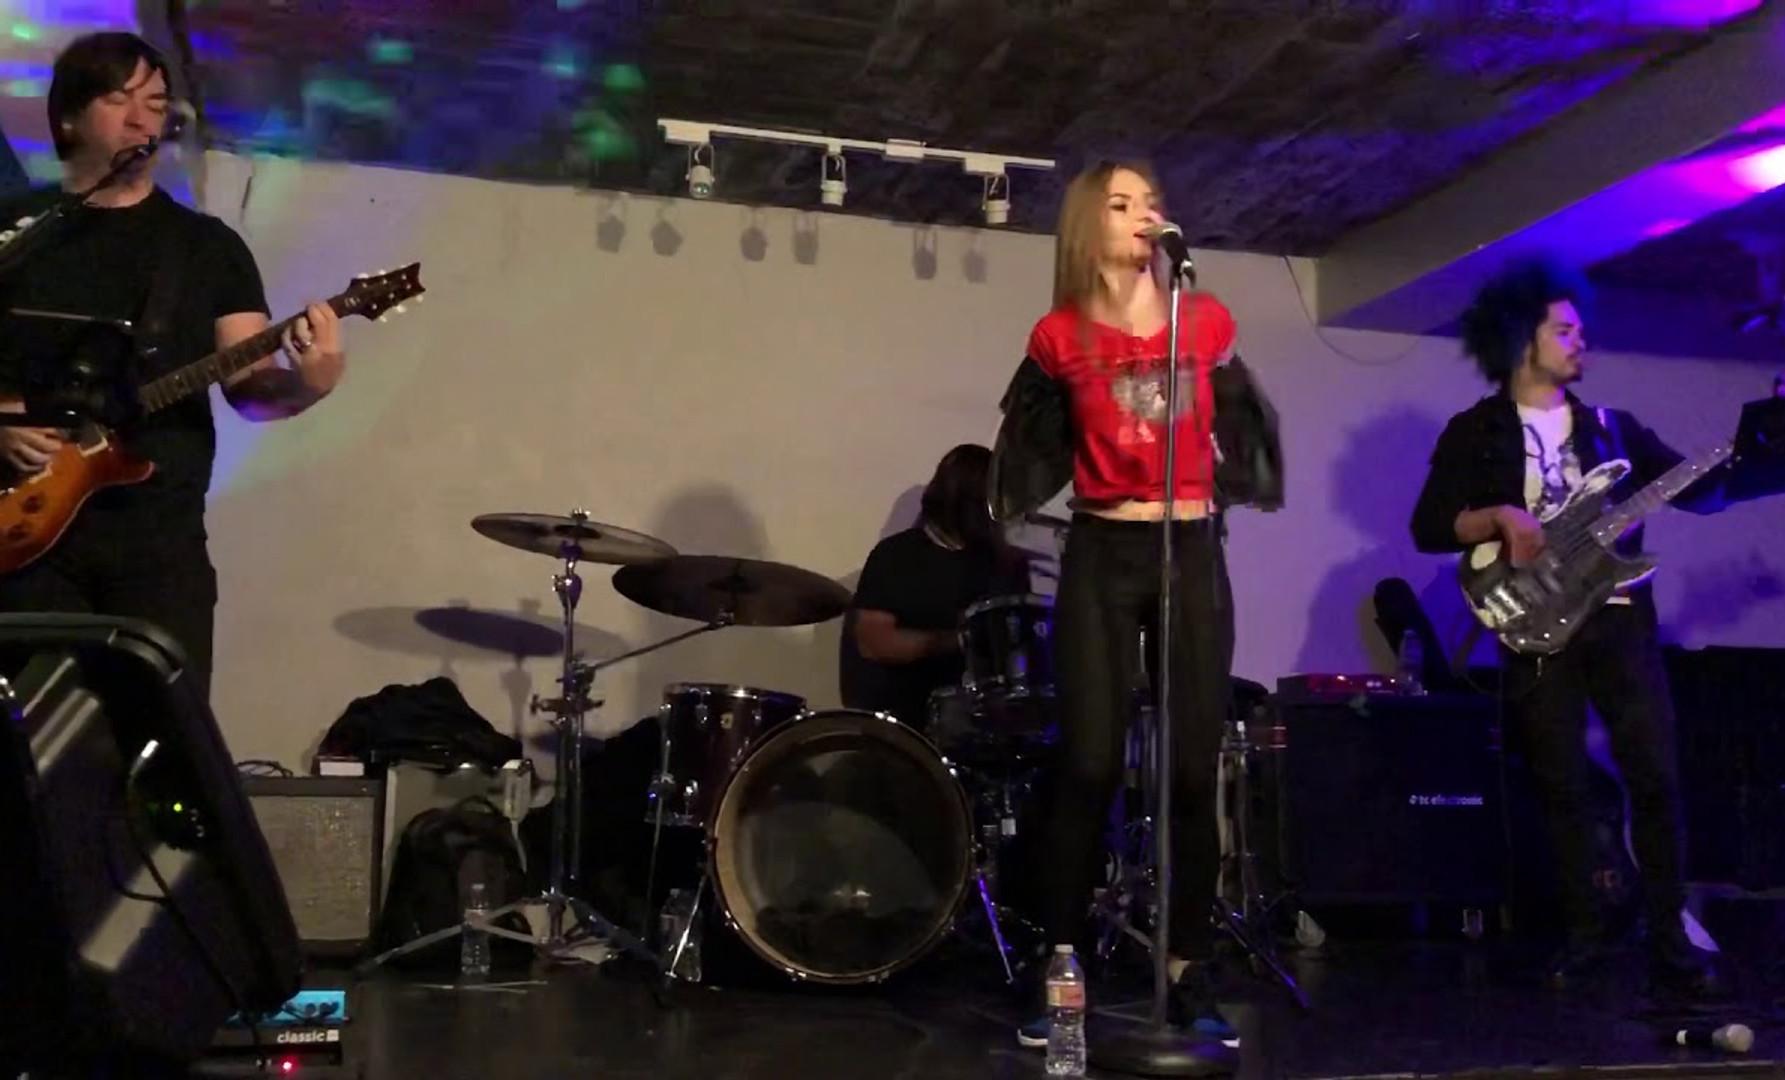 Christina sofina at Grand Jazz Star Club / Chinatown